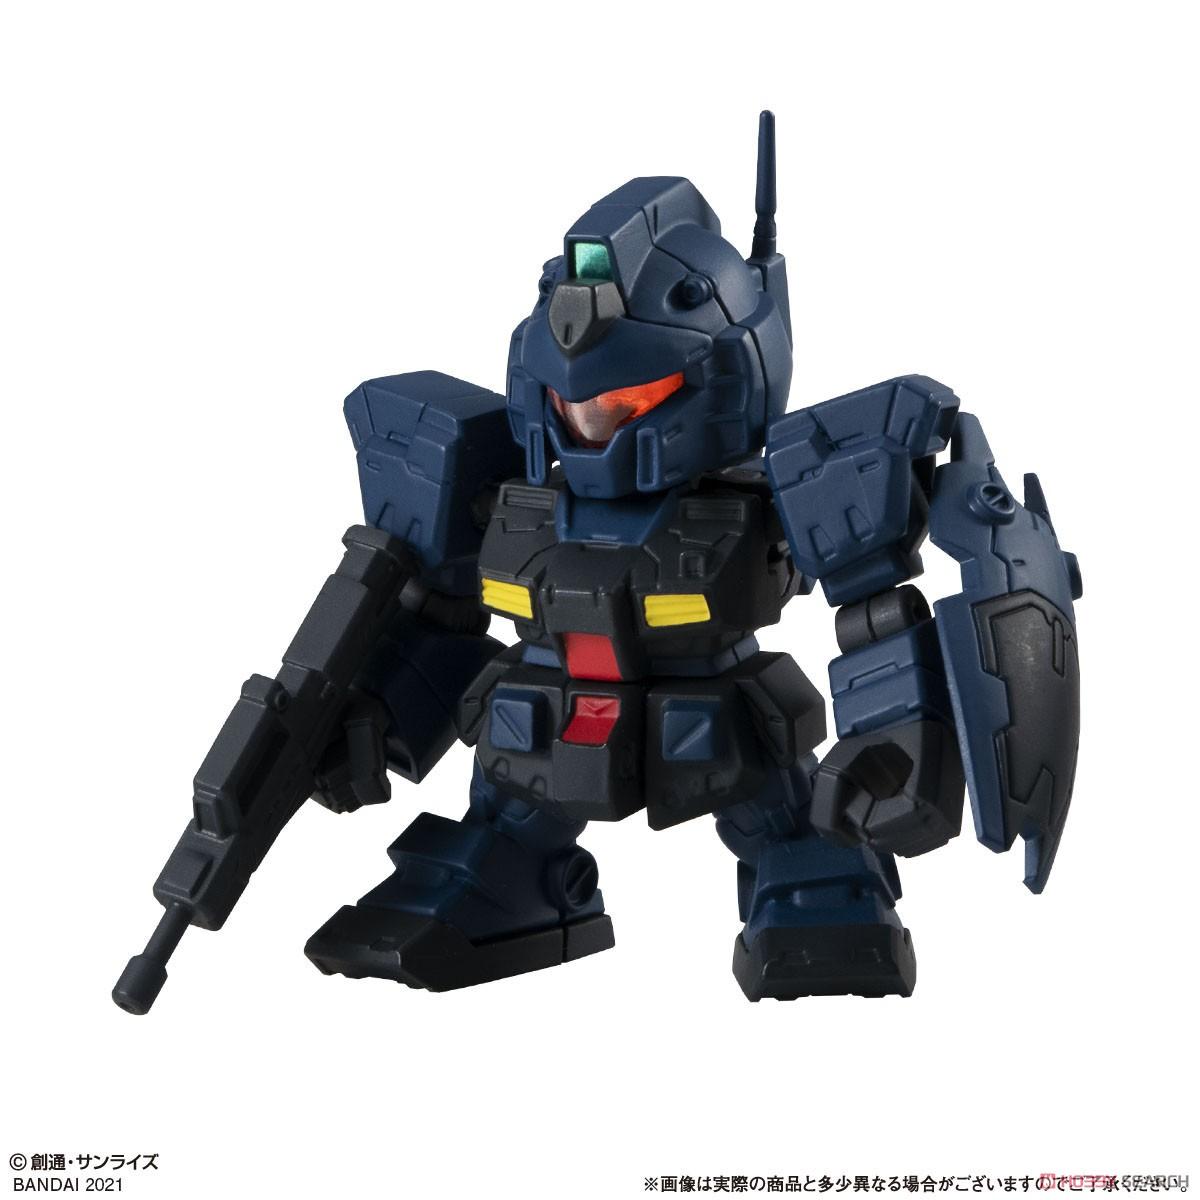 【ガシャポン】機動戦士ガンダム『ガシャポン戦士フォルテ14』12個入りBOX-005